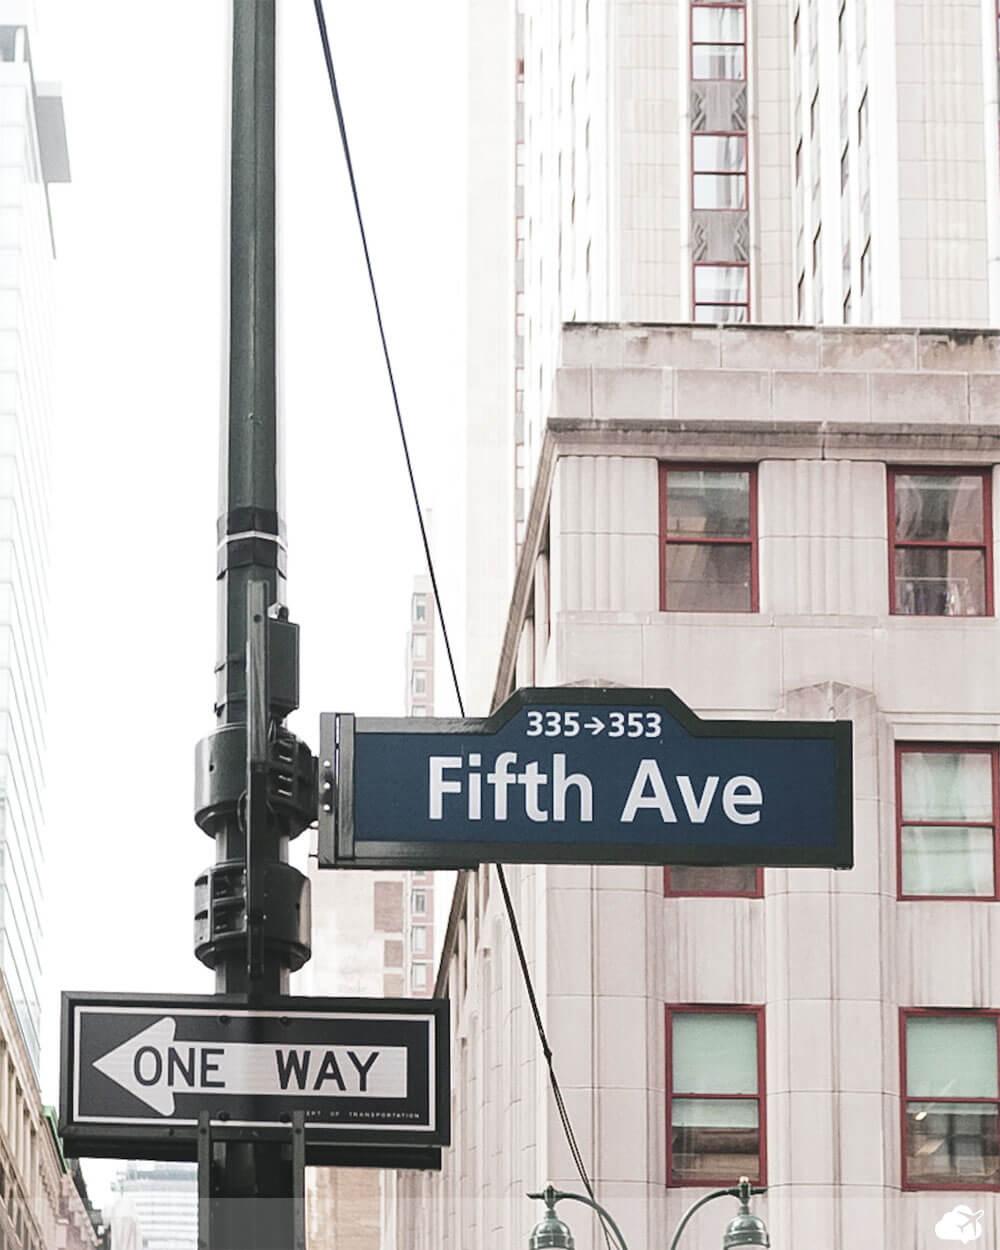 placa quinta avenida nova york